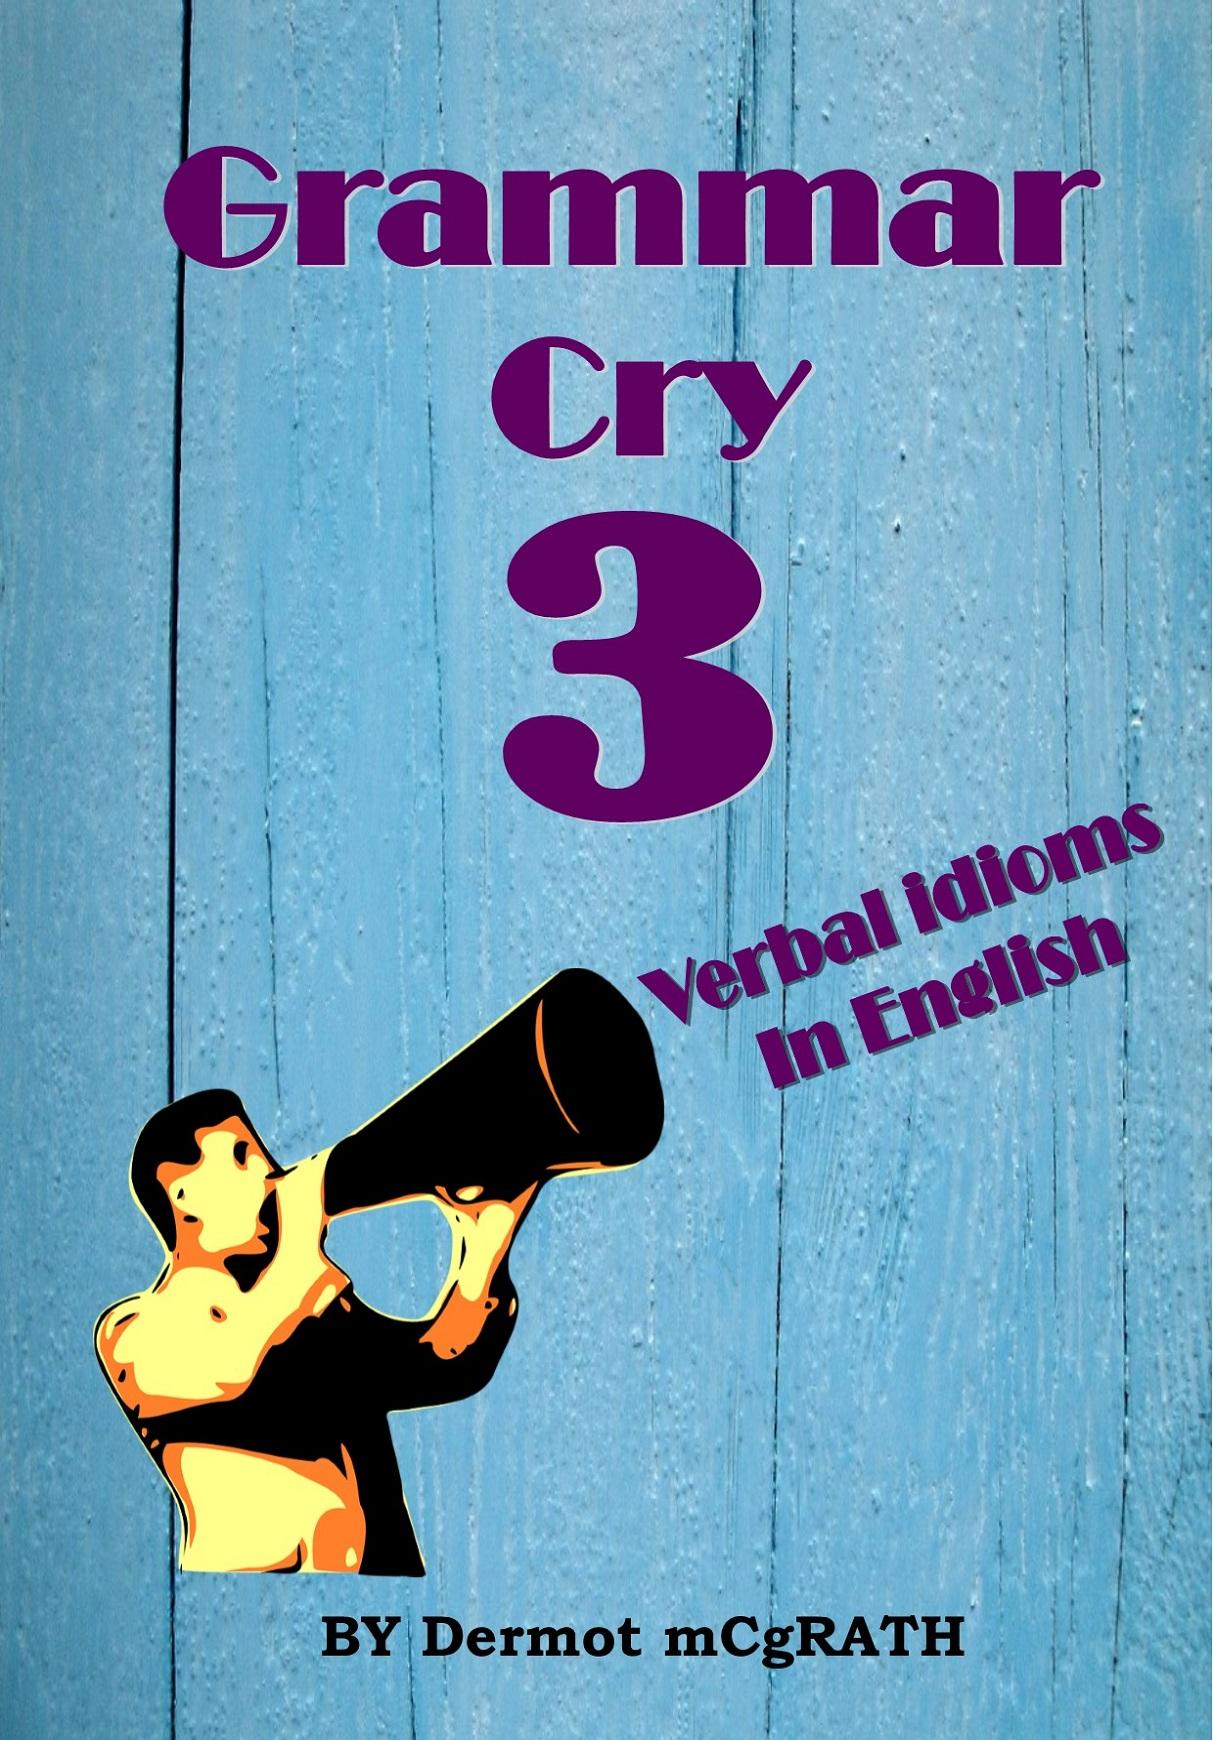 GRAMMAR CRY 3